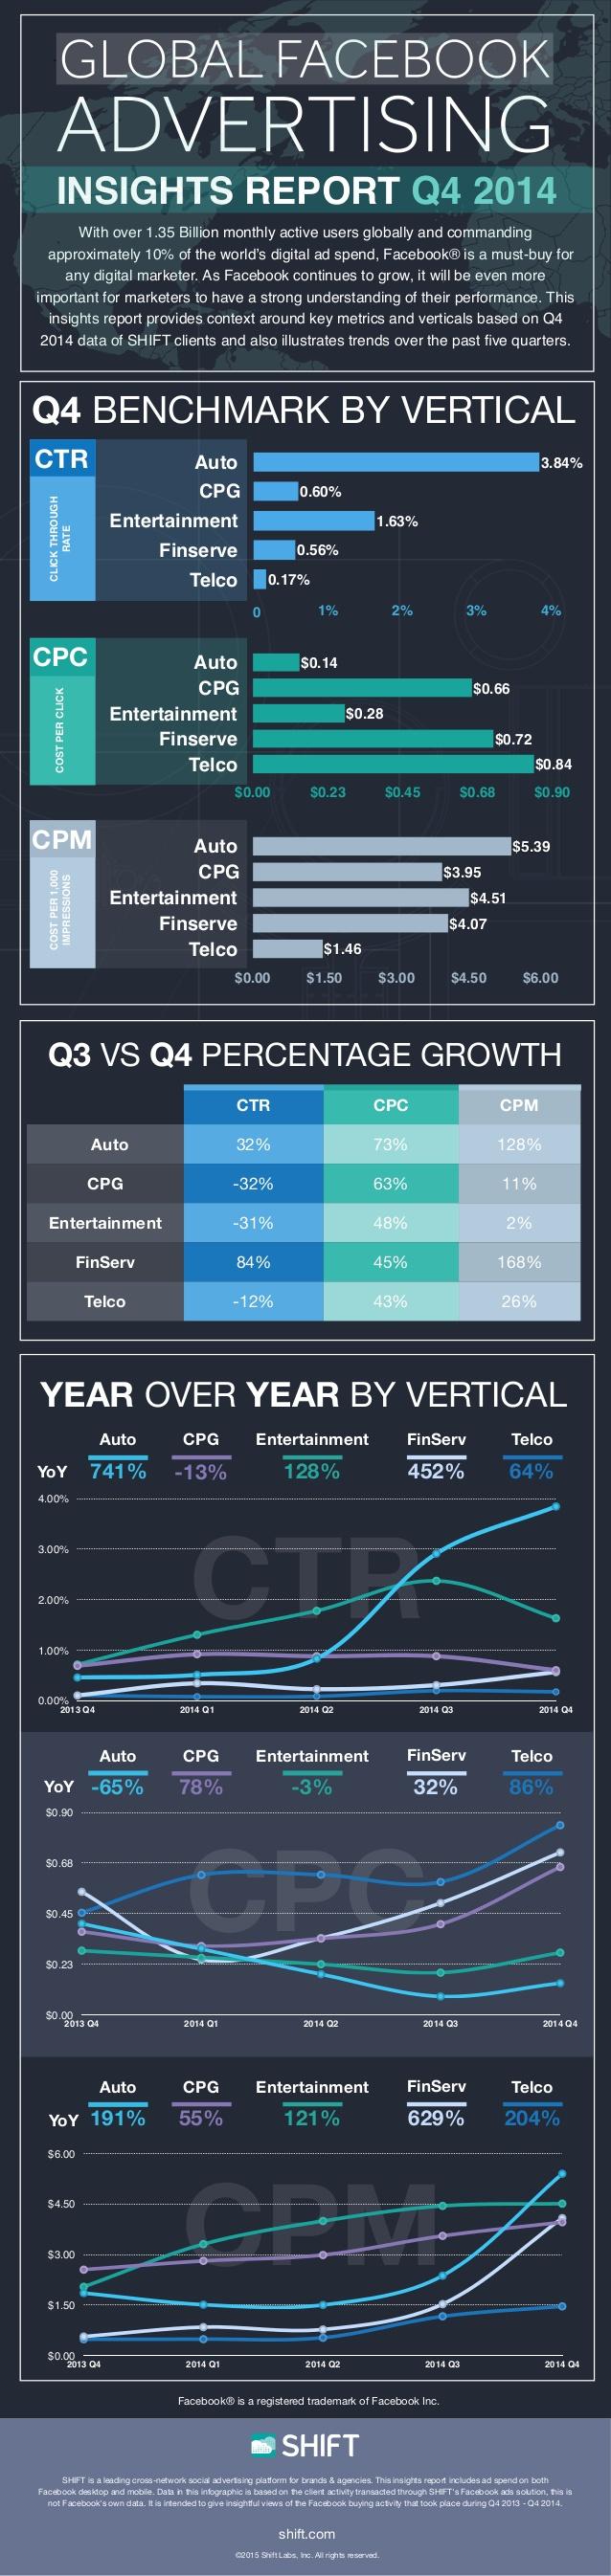 Datos interesantes sobre publicidad en FaceBook (4T/2014)